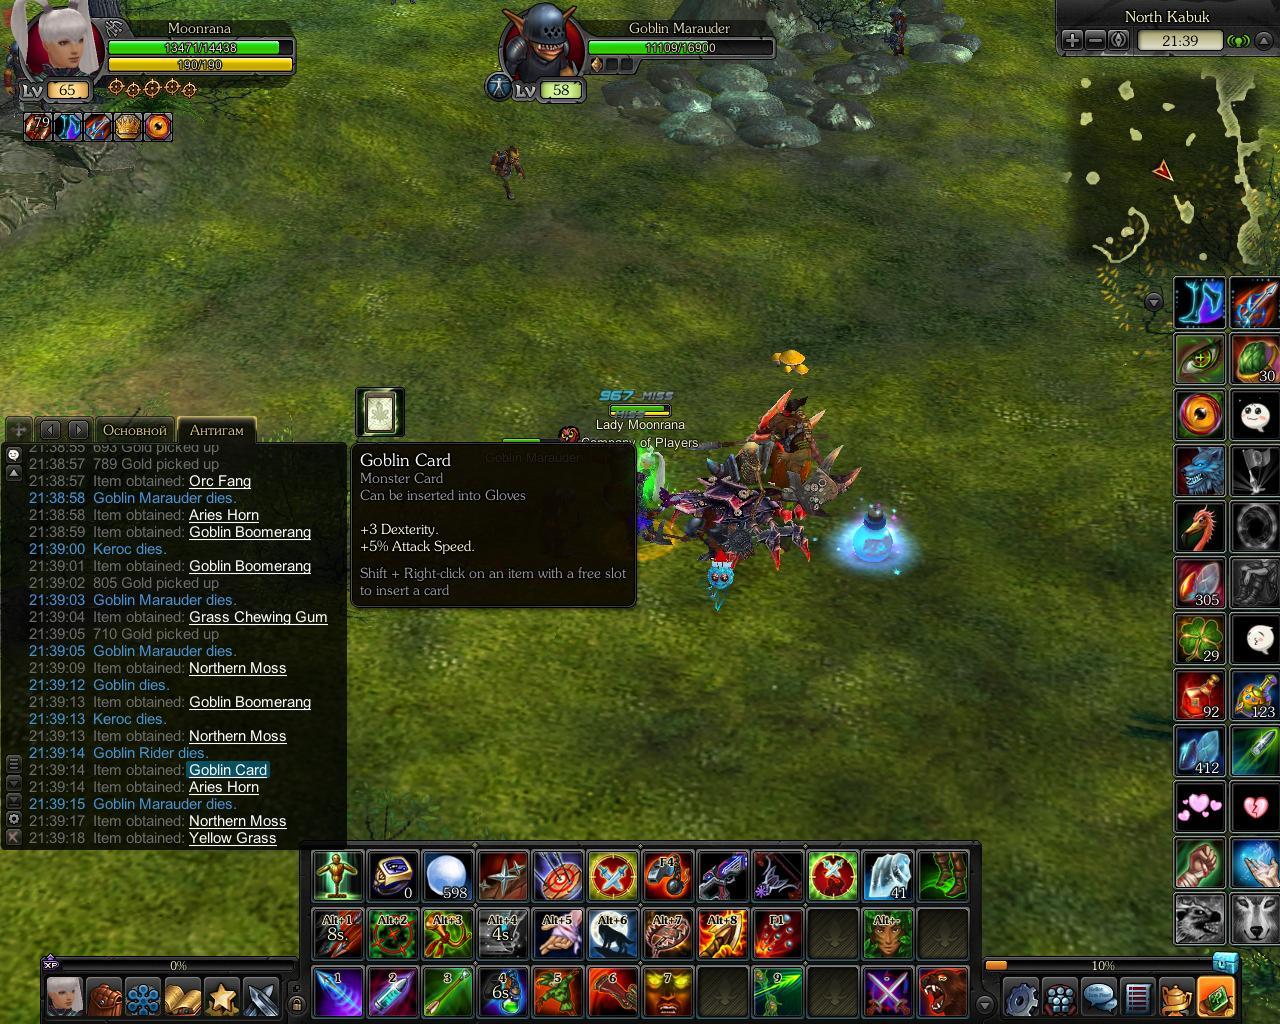 screen_190716_001.1563302923.jpg